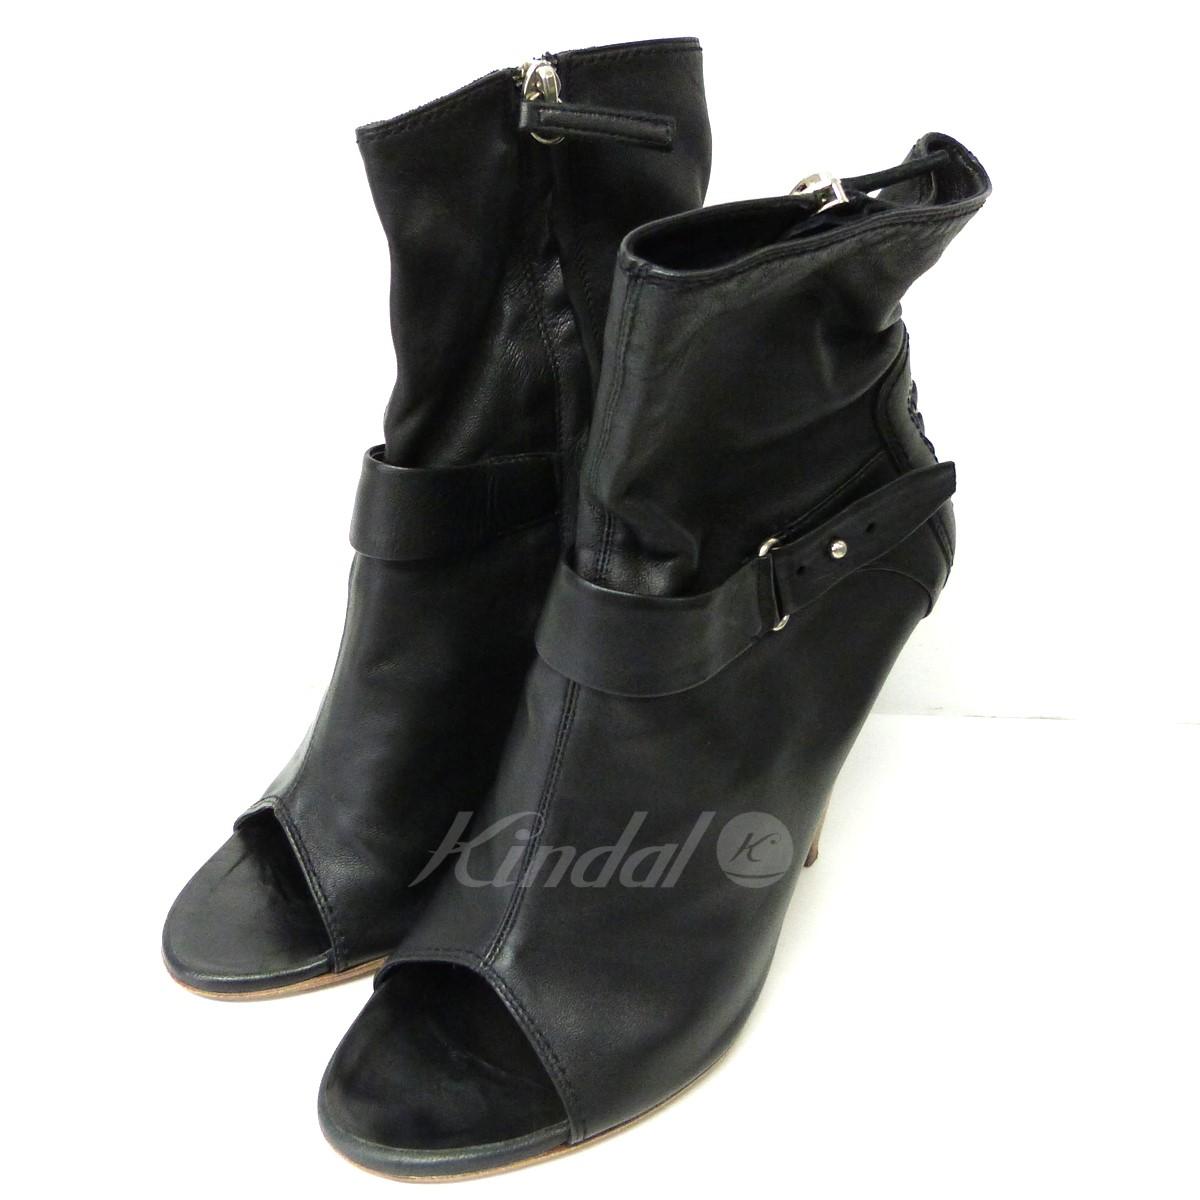 【中古】GIUSEPPE ZANOTTIオープントゥサイドZIPヒールブーツ ブラック サイズ:38 【送料無料】